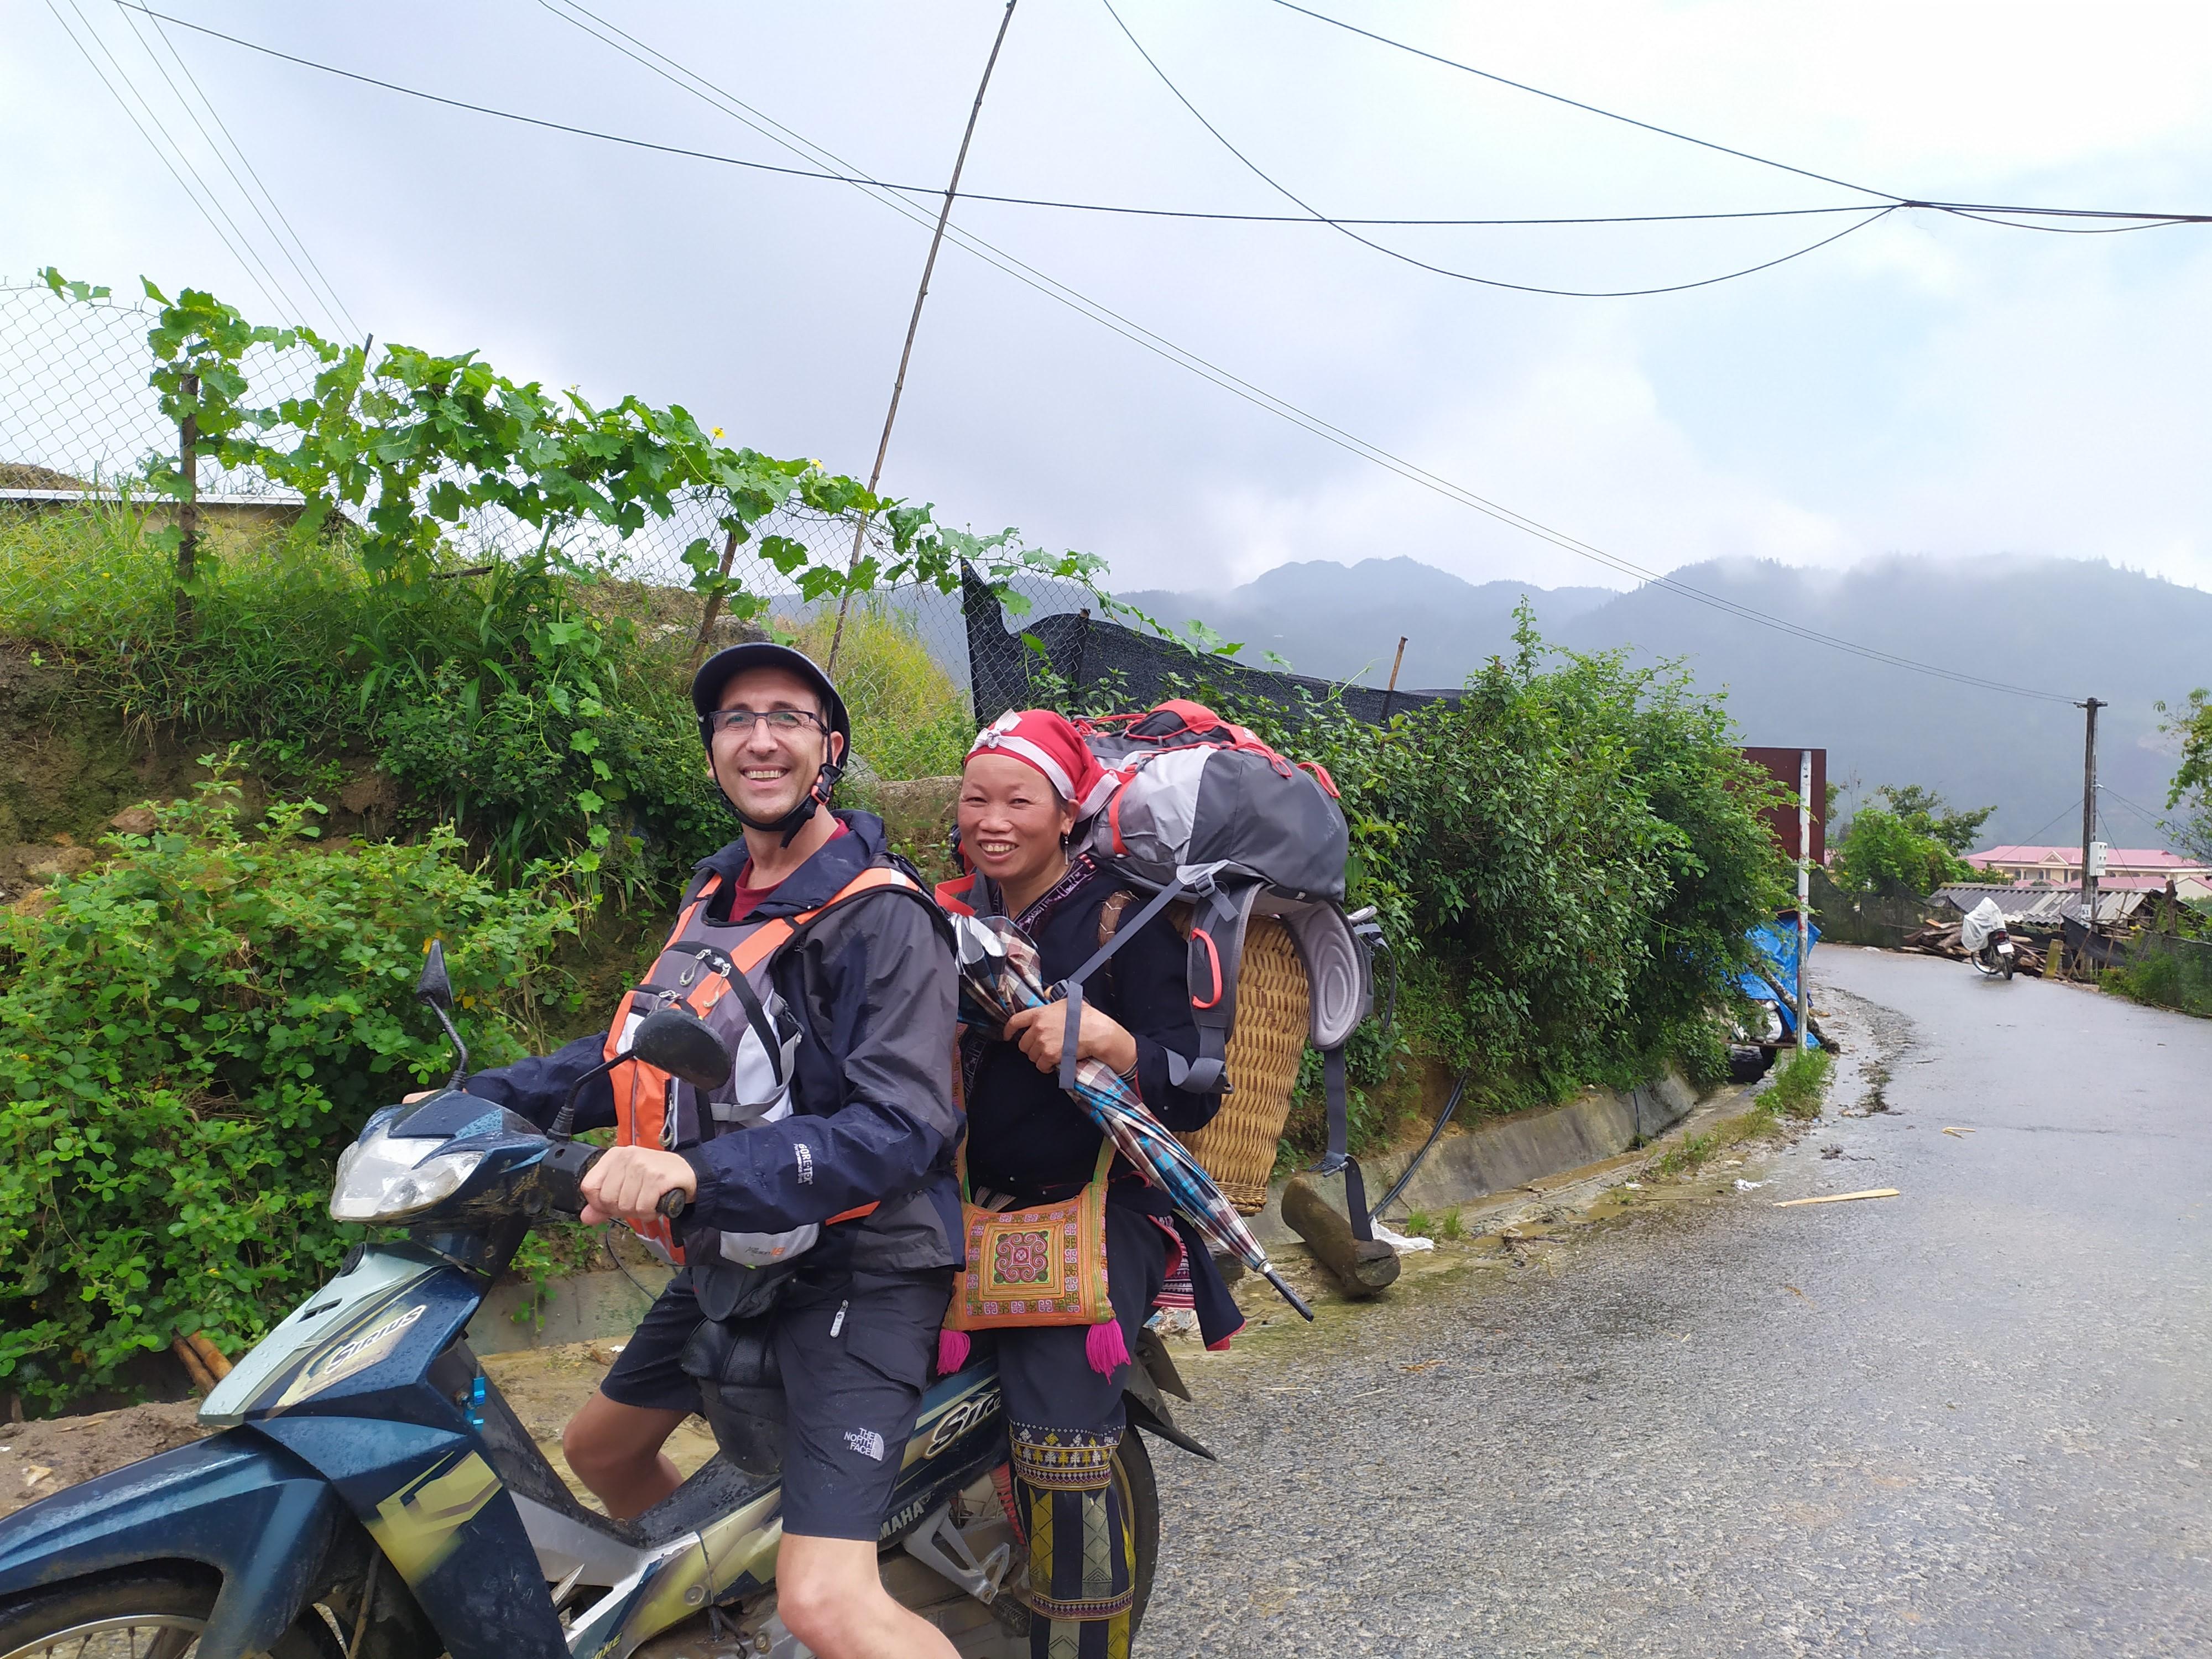 El profesor Iván Hereza de camino a una aldea del norte del Vietnam